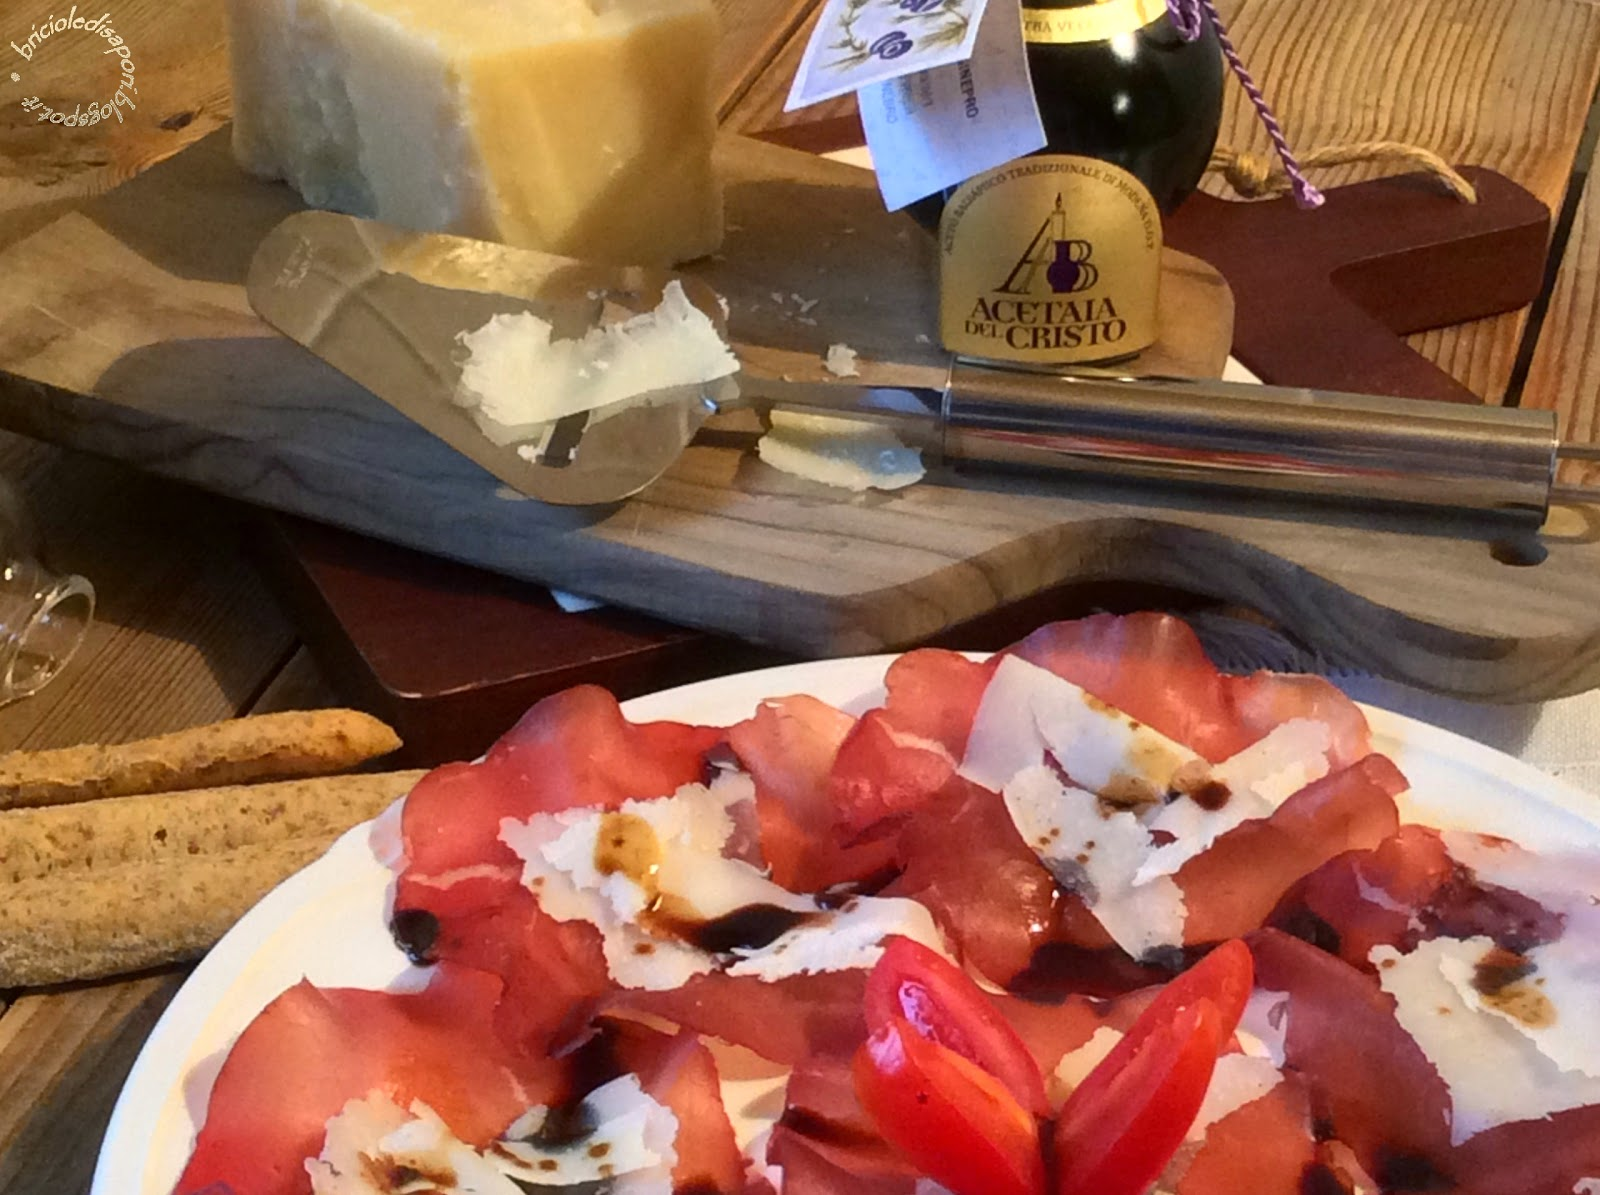 bresaola della valtellina, scaglie di parmigiano reggiano e aceto balsamico tradizionale di modena d.o.p.